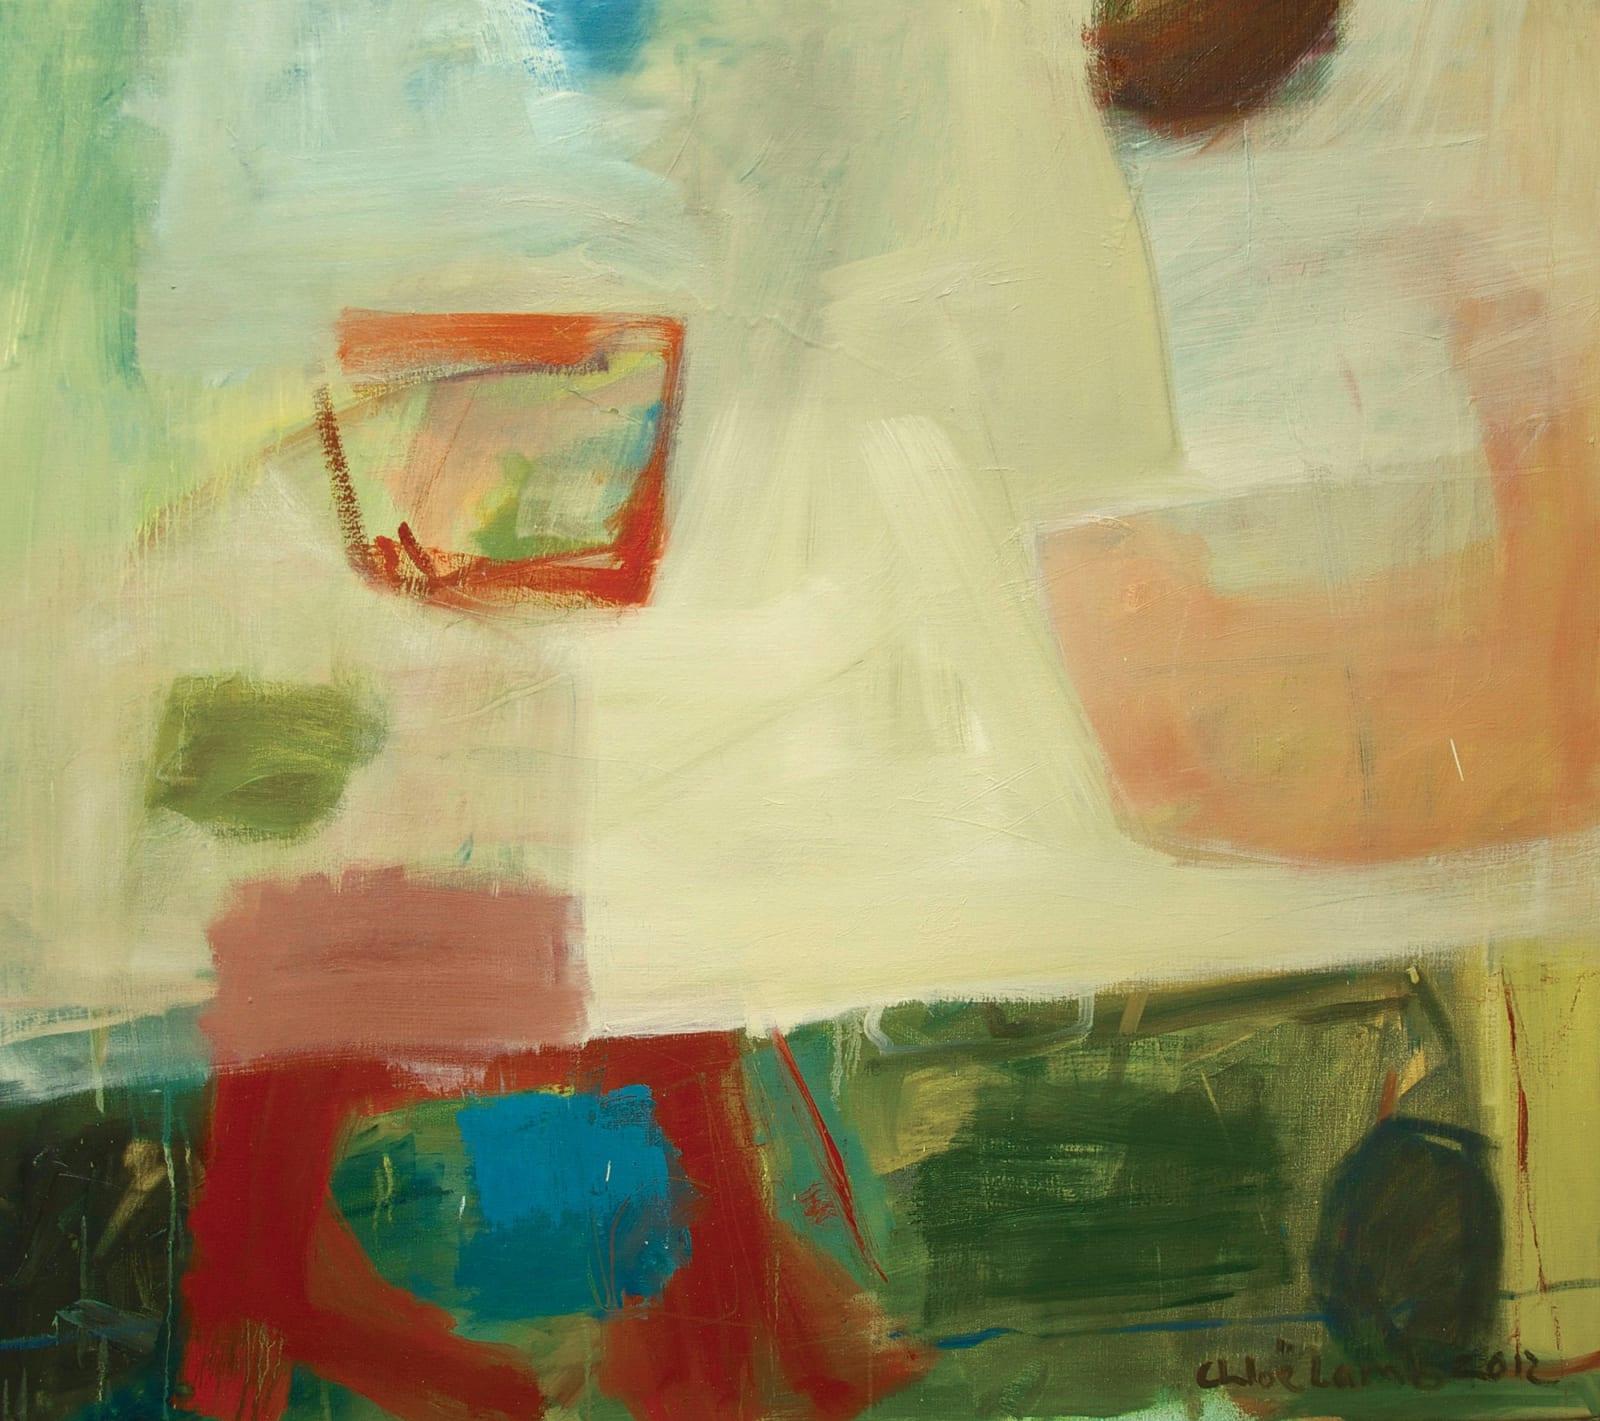 Chloe Lamb, Paintings